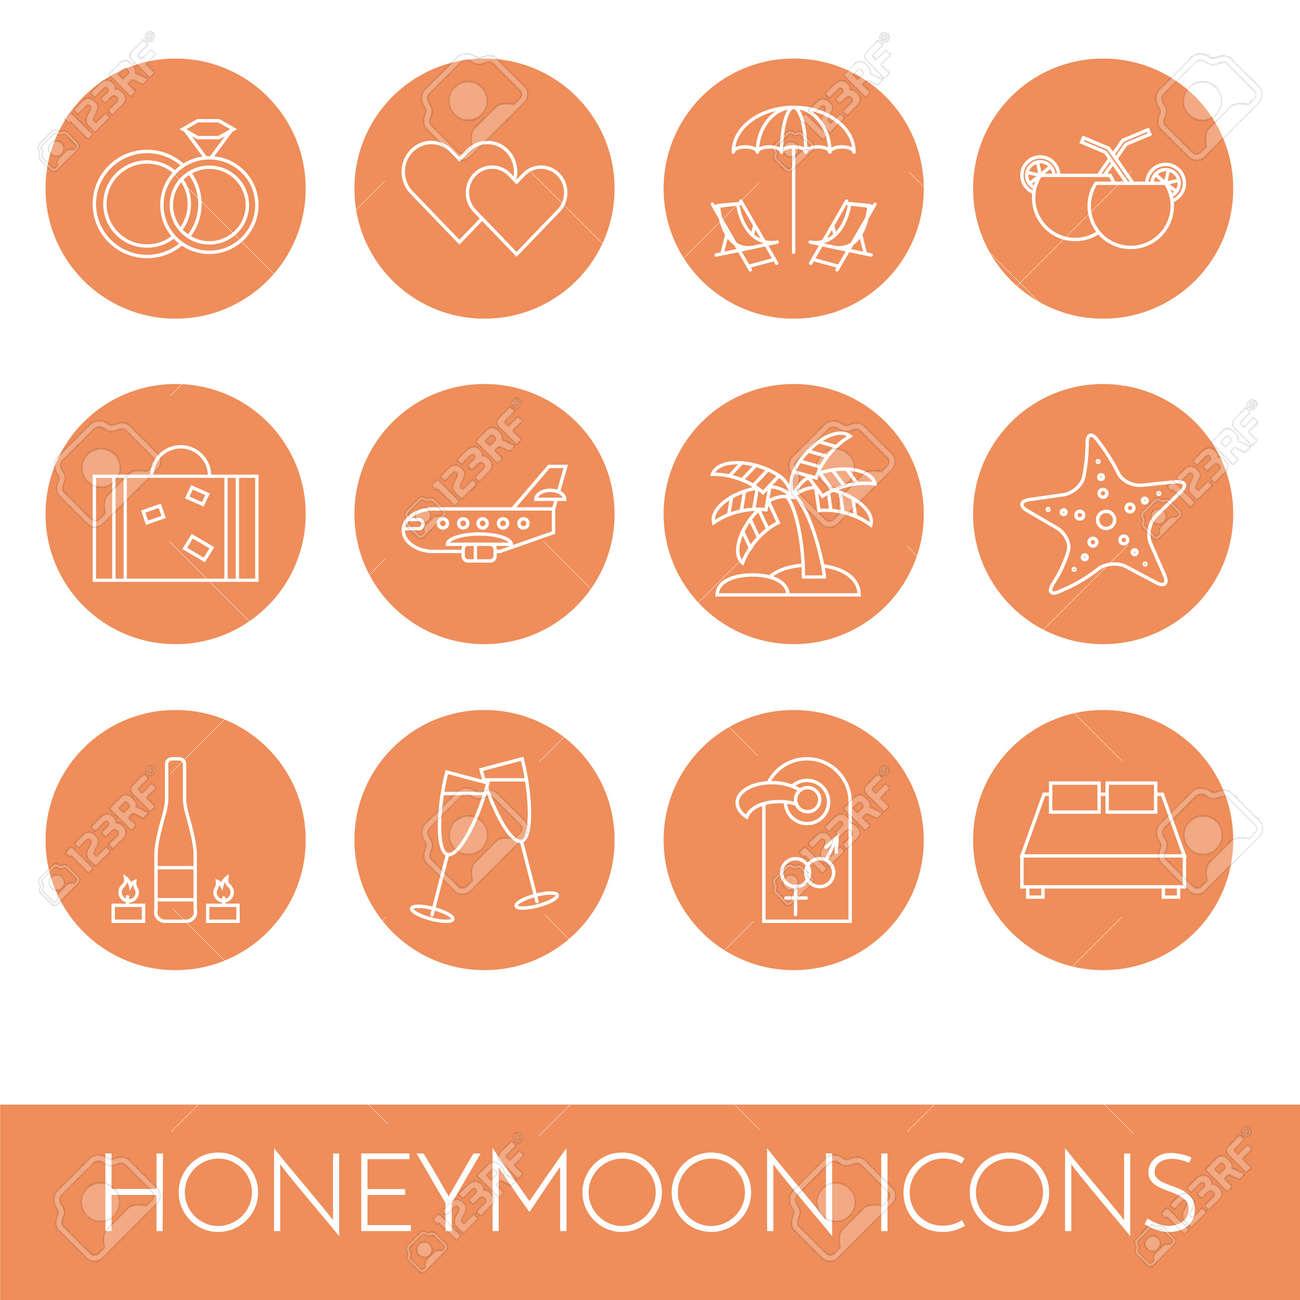 Set of thin line icons with honeymoon symbols wedding trip set of thin line icons with honeymoon symbols wedding trip pictograms of rings hearts buycottarizona Choice Image